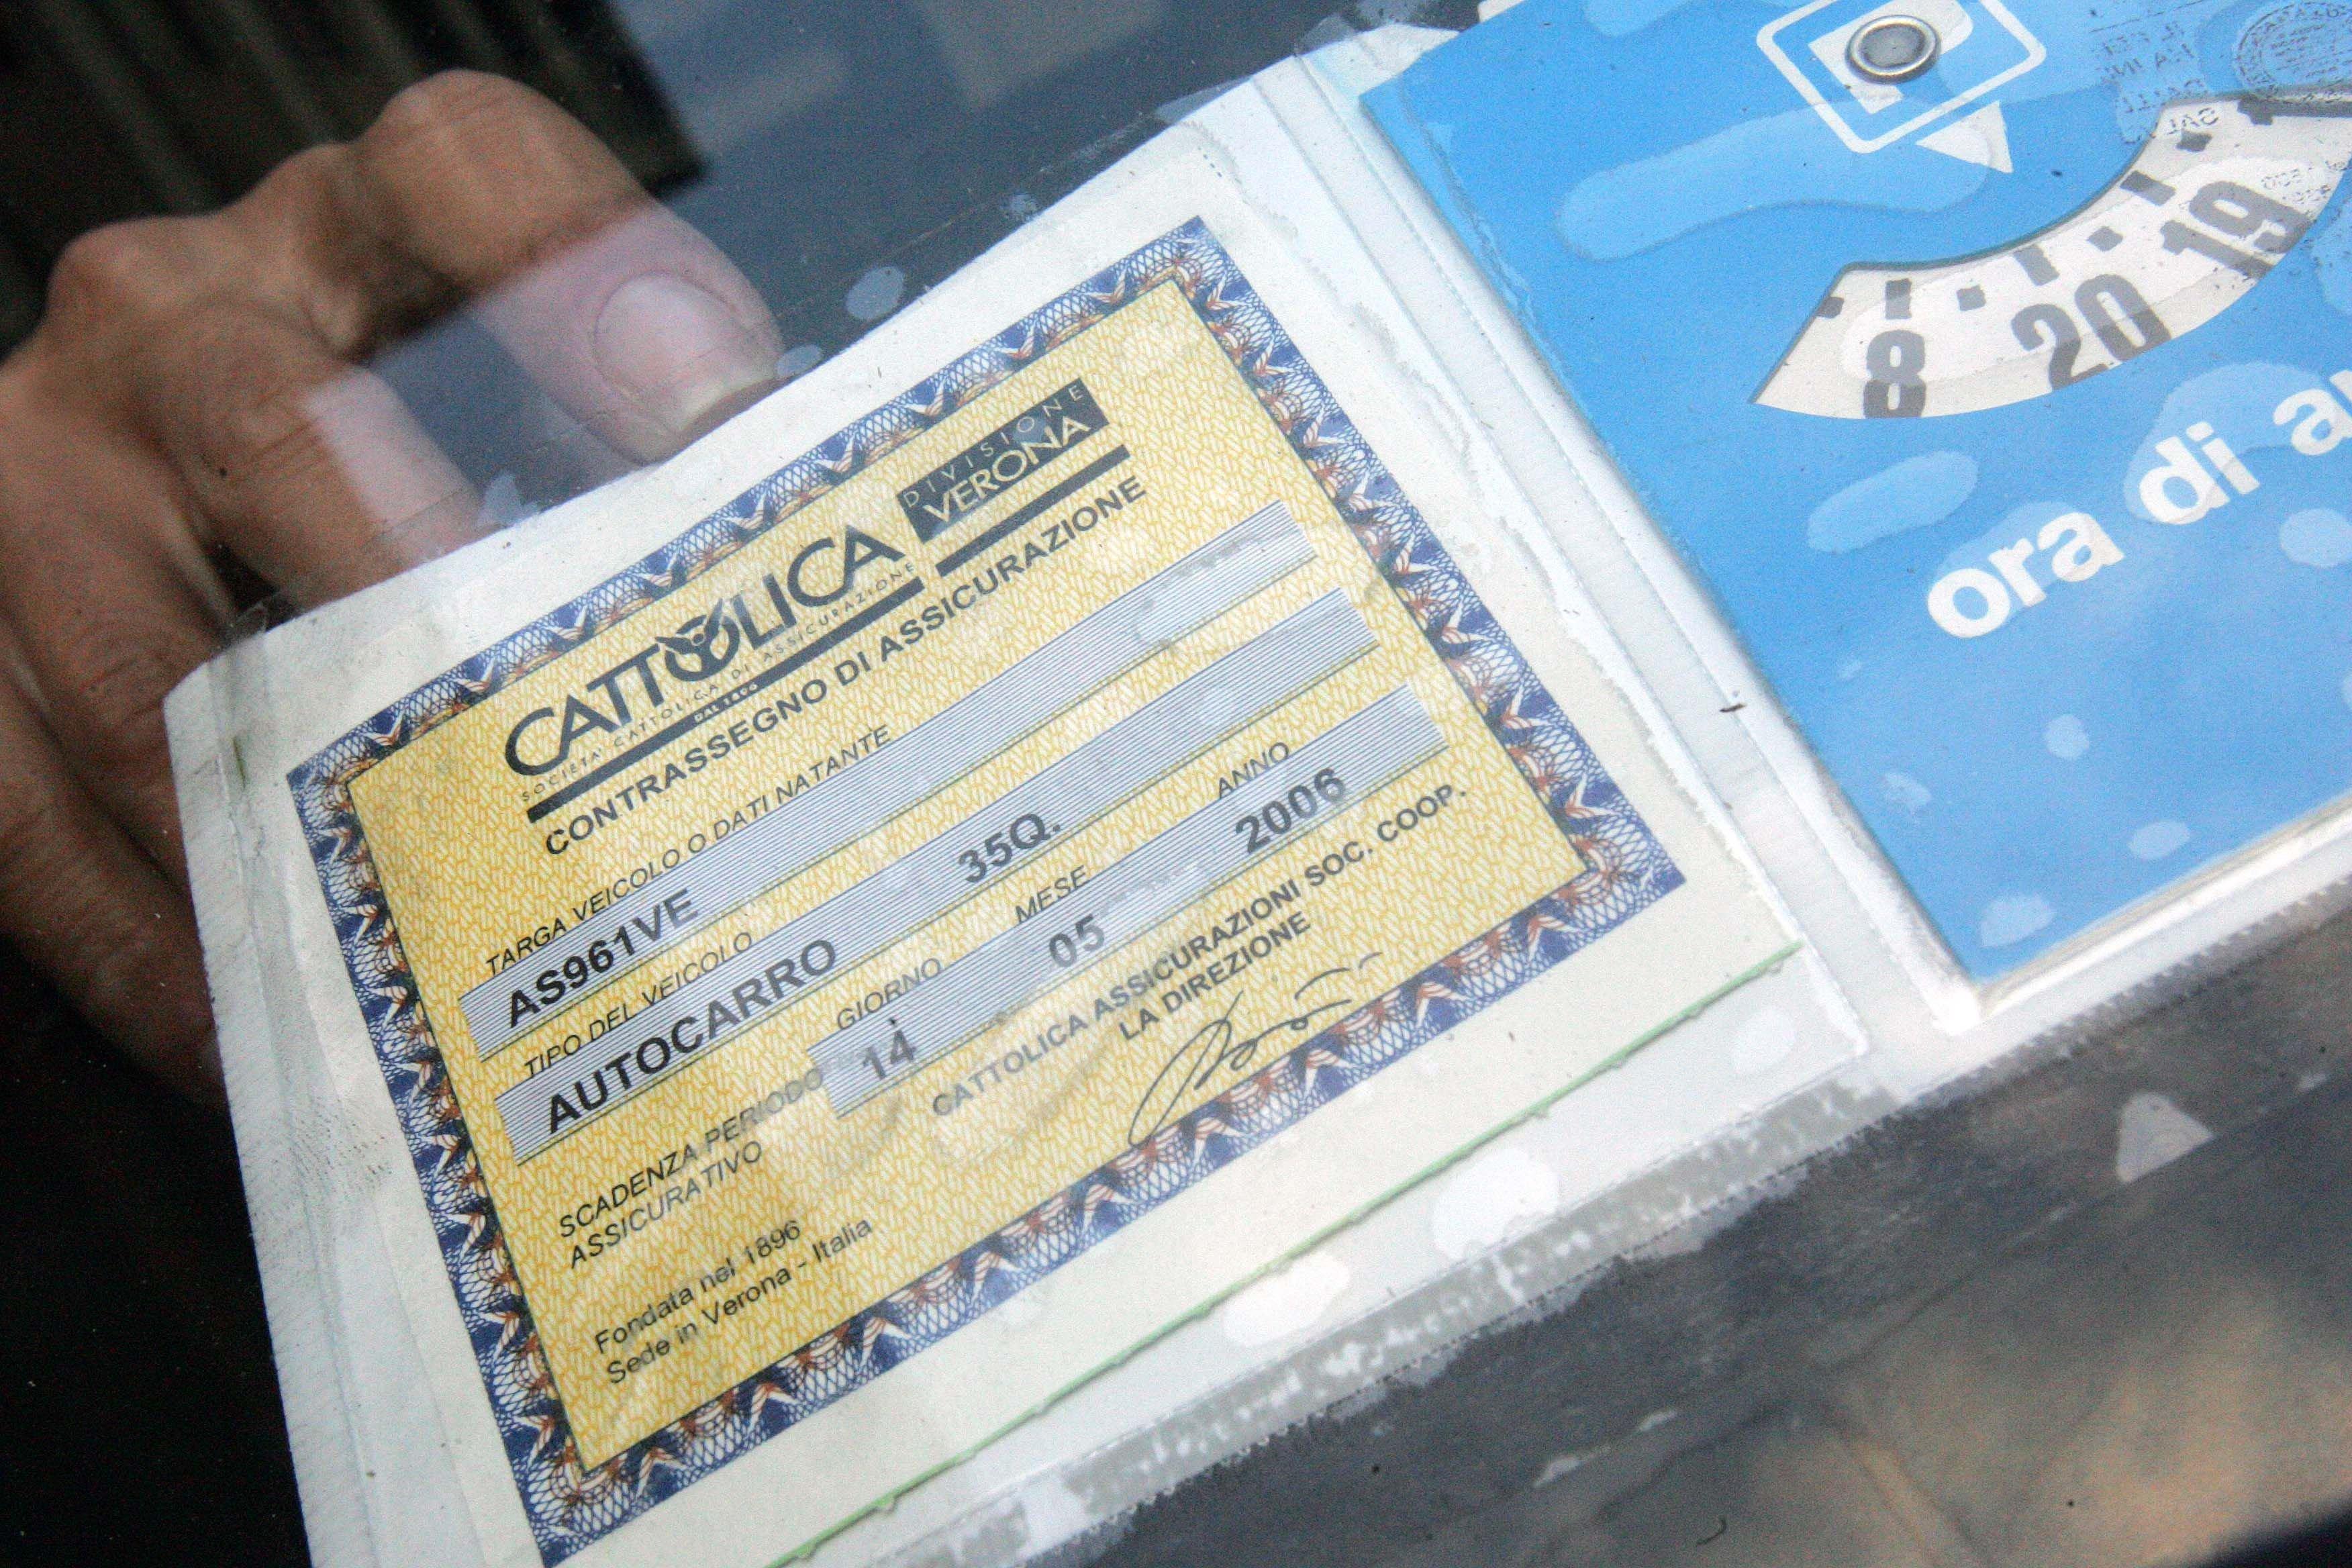 Certificato di assicurazione: stampa il certificato digitale